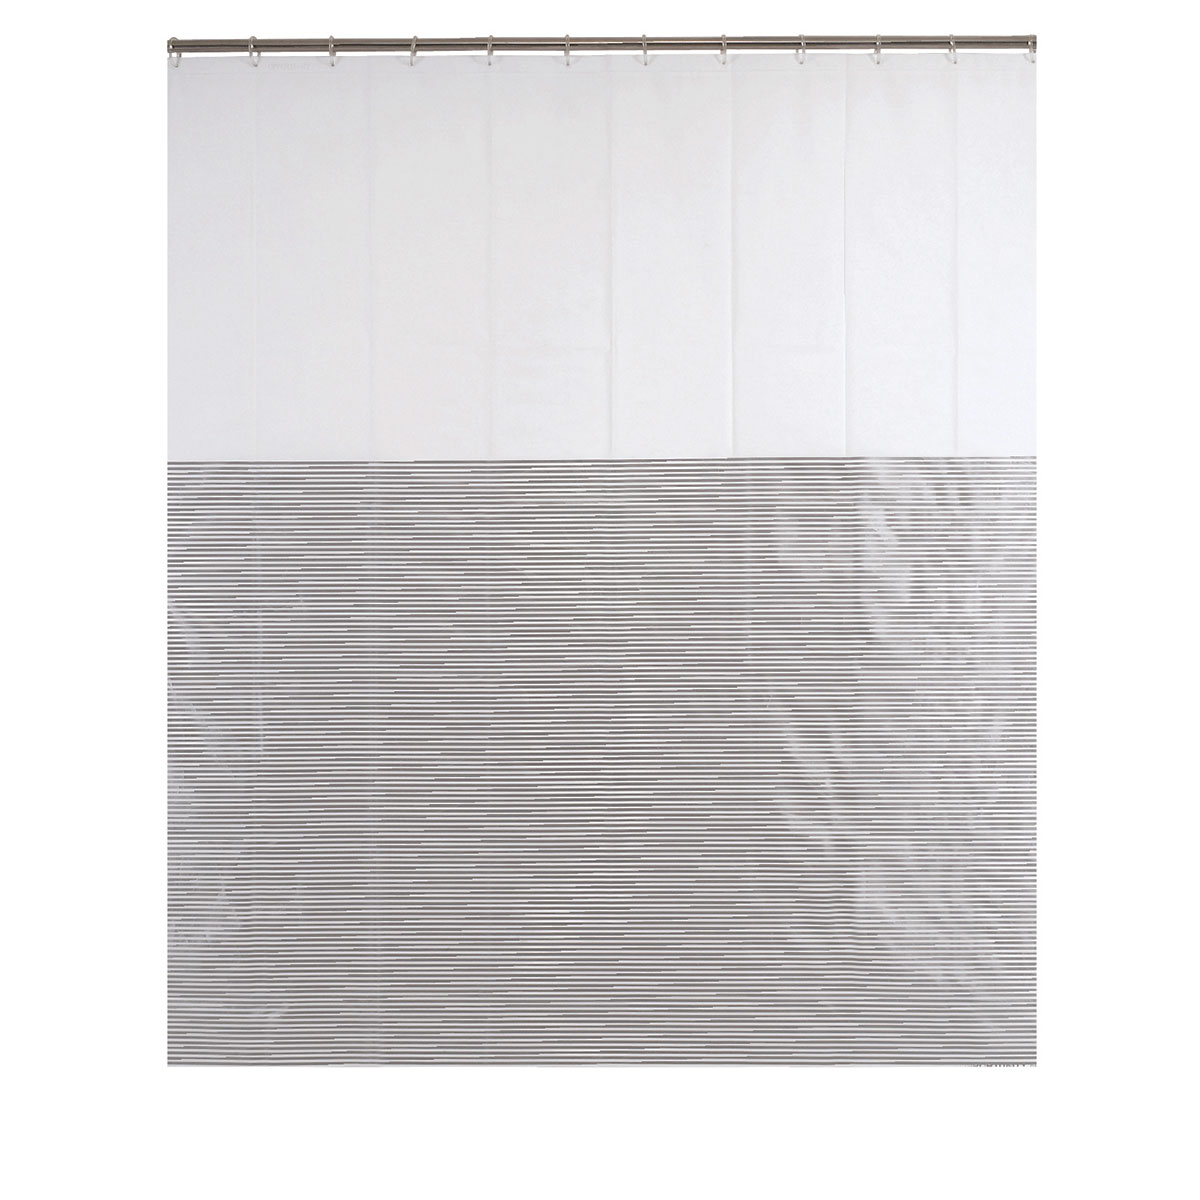 Rideau de douche à fines rayures argentées blanc argent